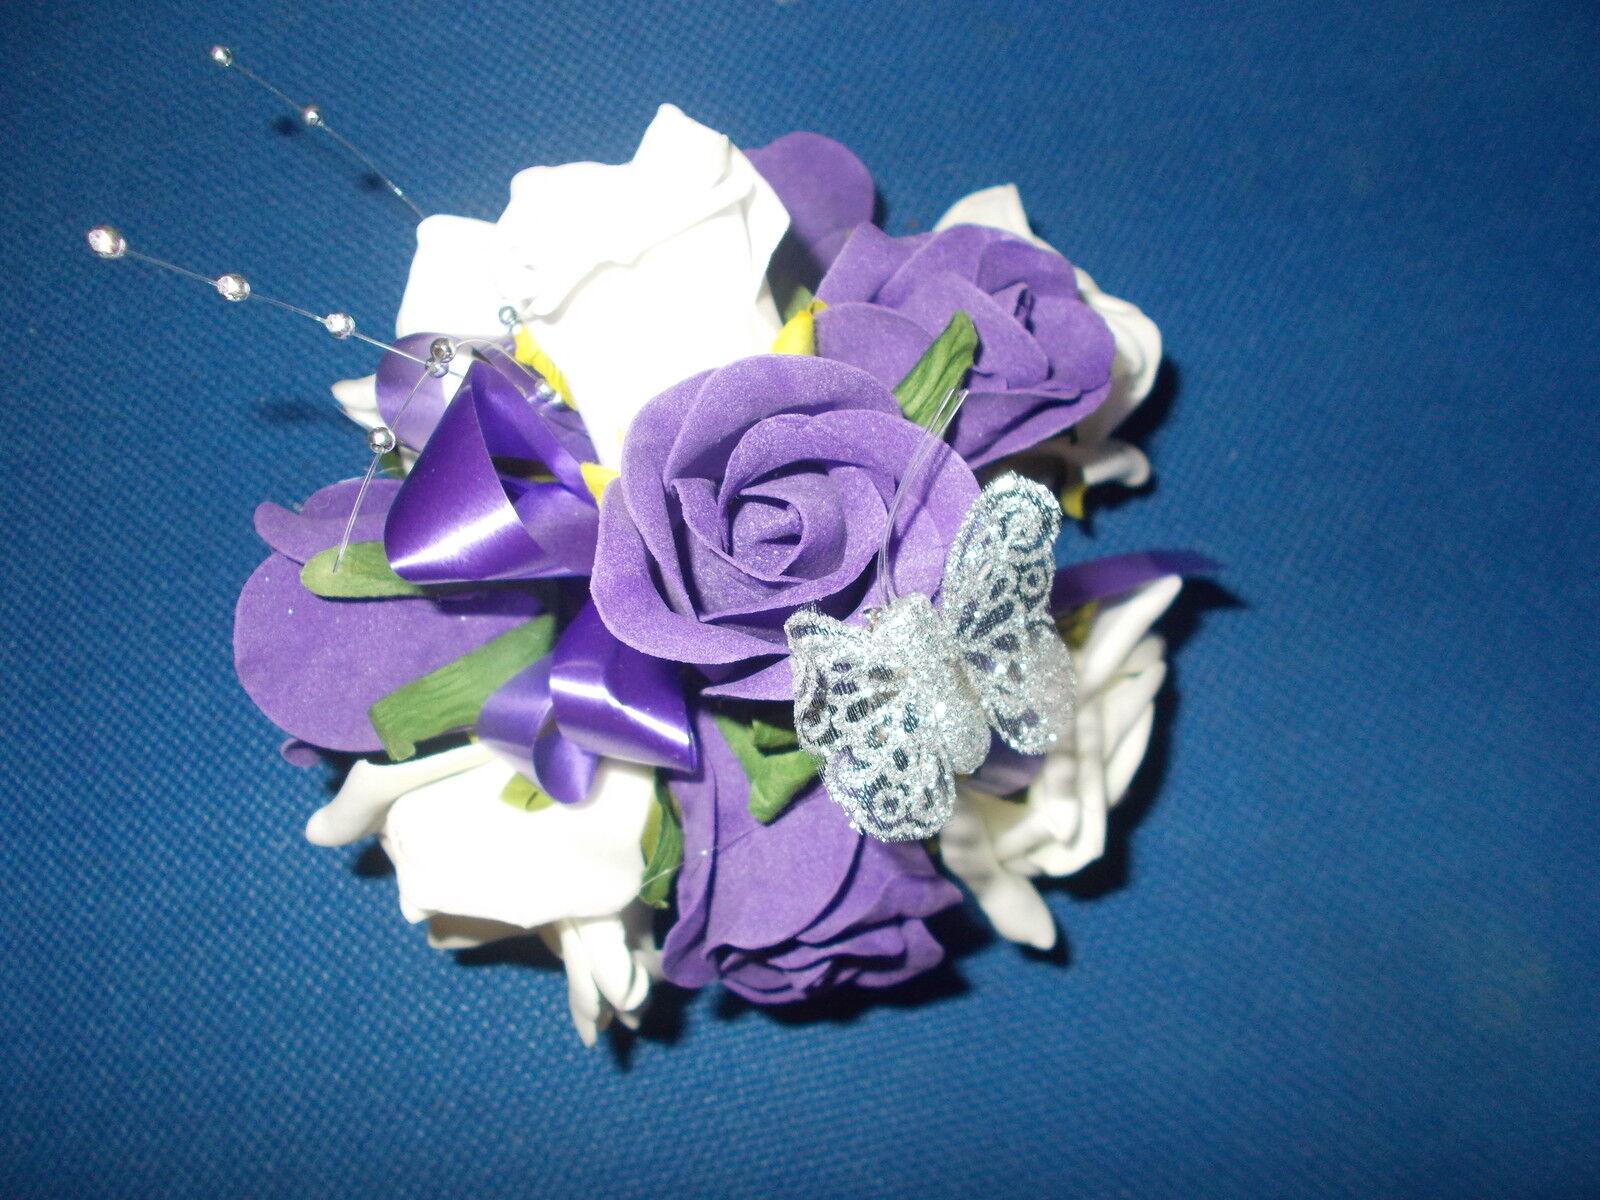 Flowers by Rachel M